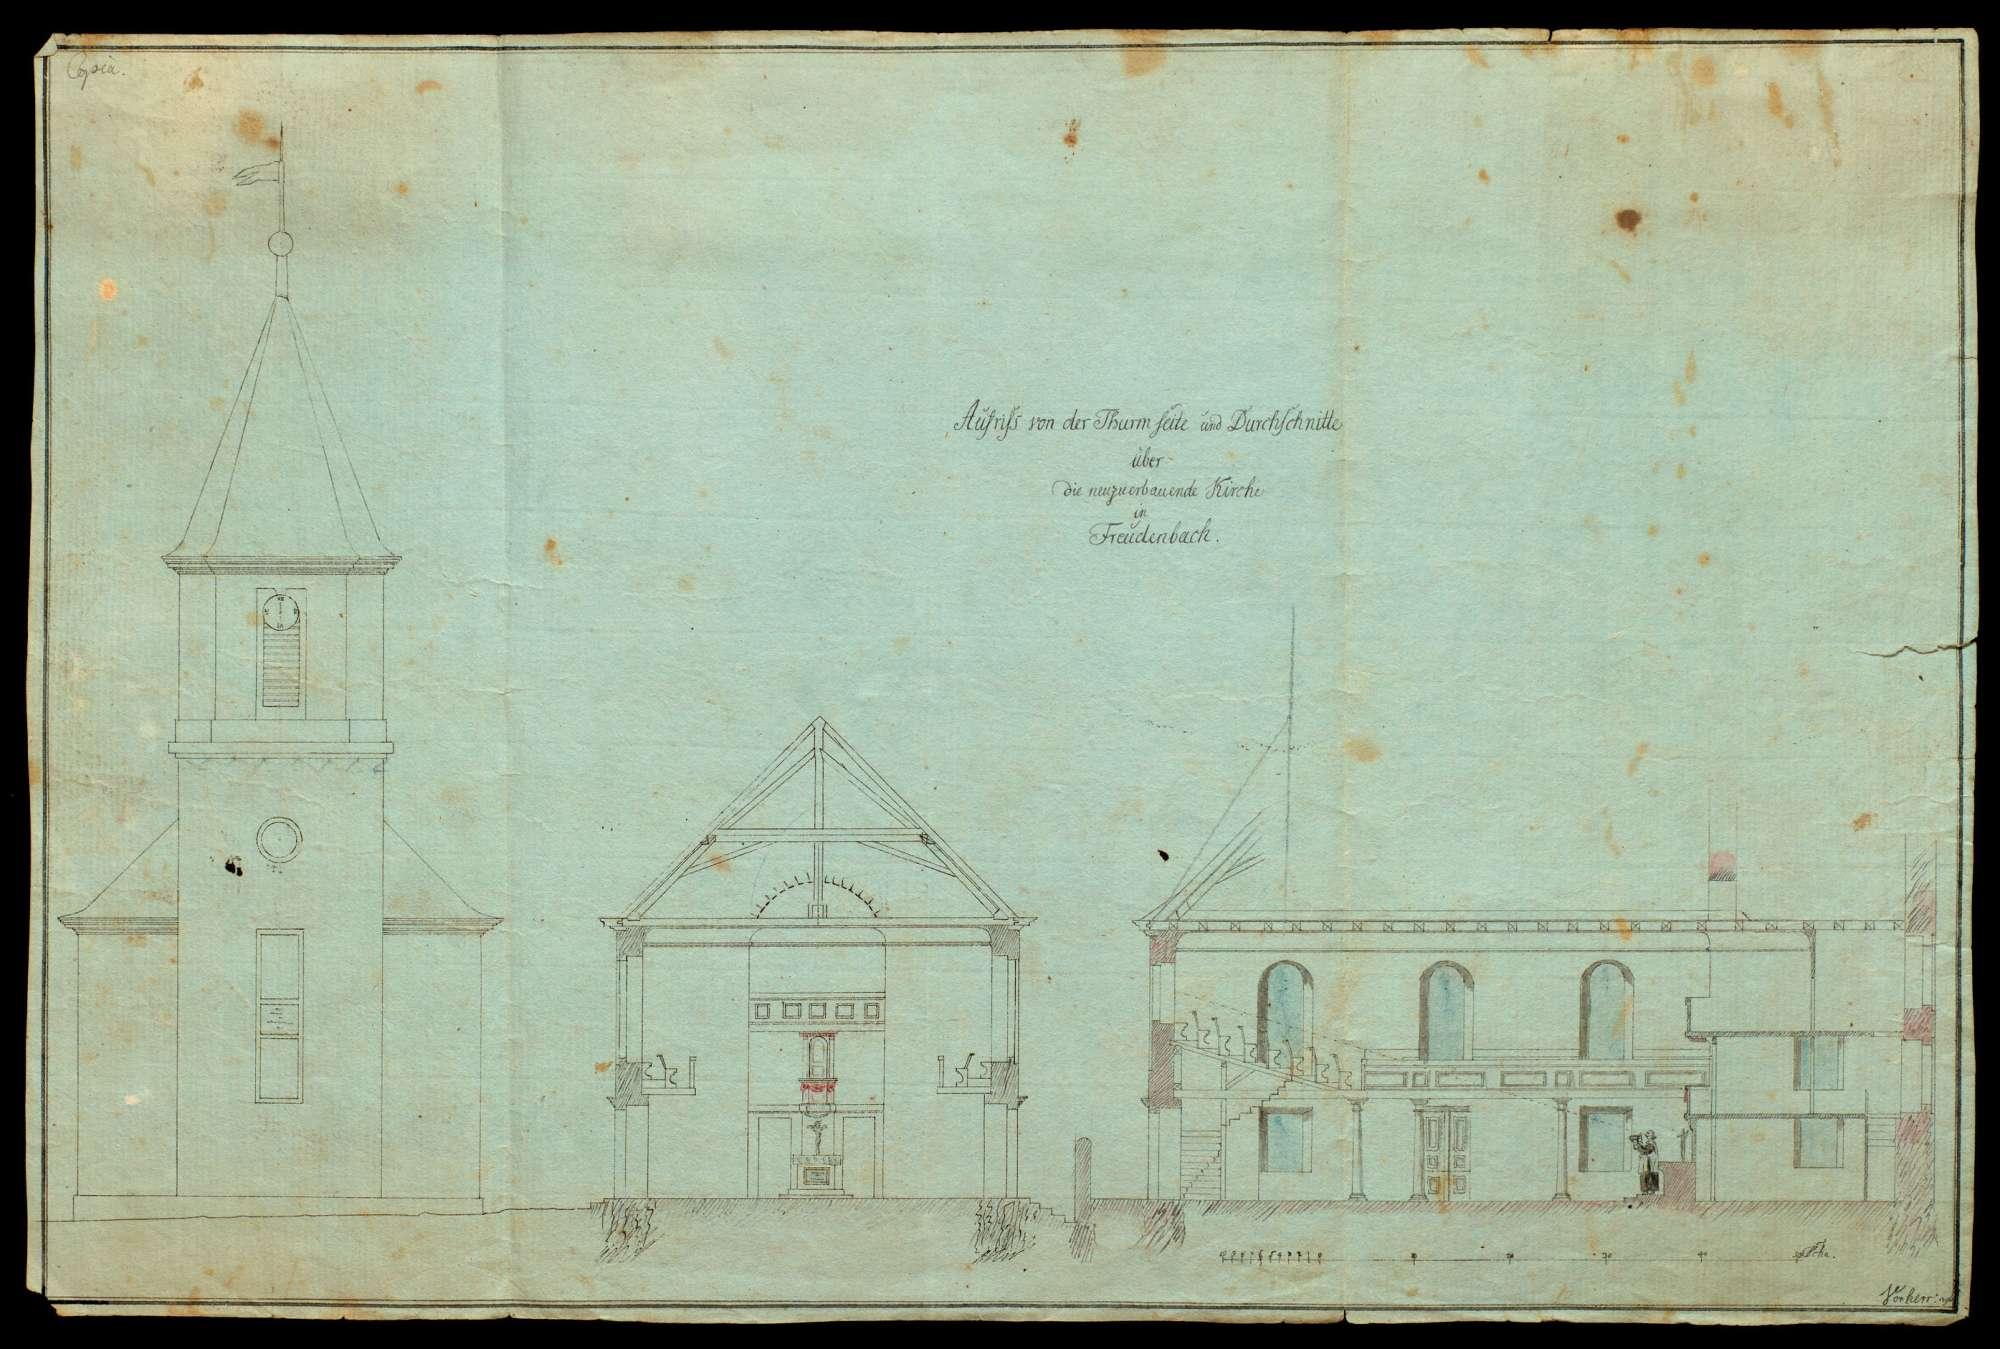 Drei Baupläne der evangelischen Kirche in Freudenbach (Kreis Mergentheim), Bild 3